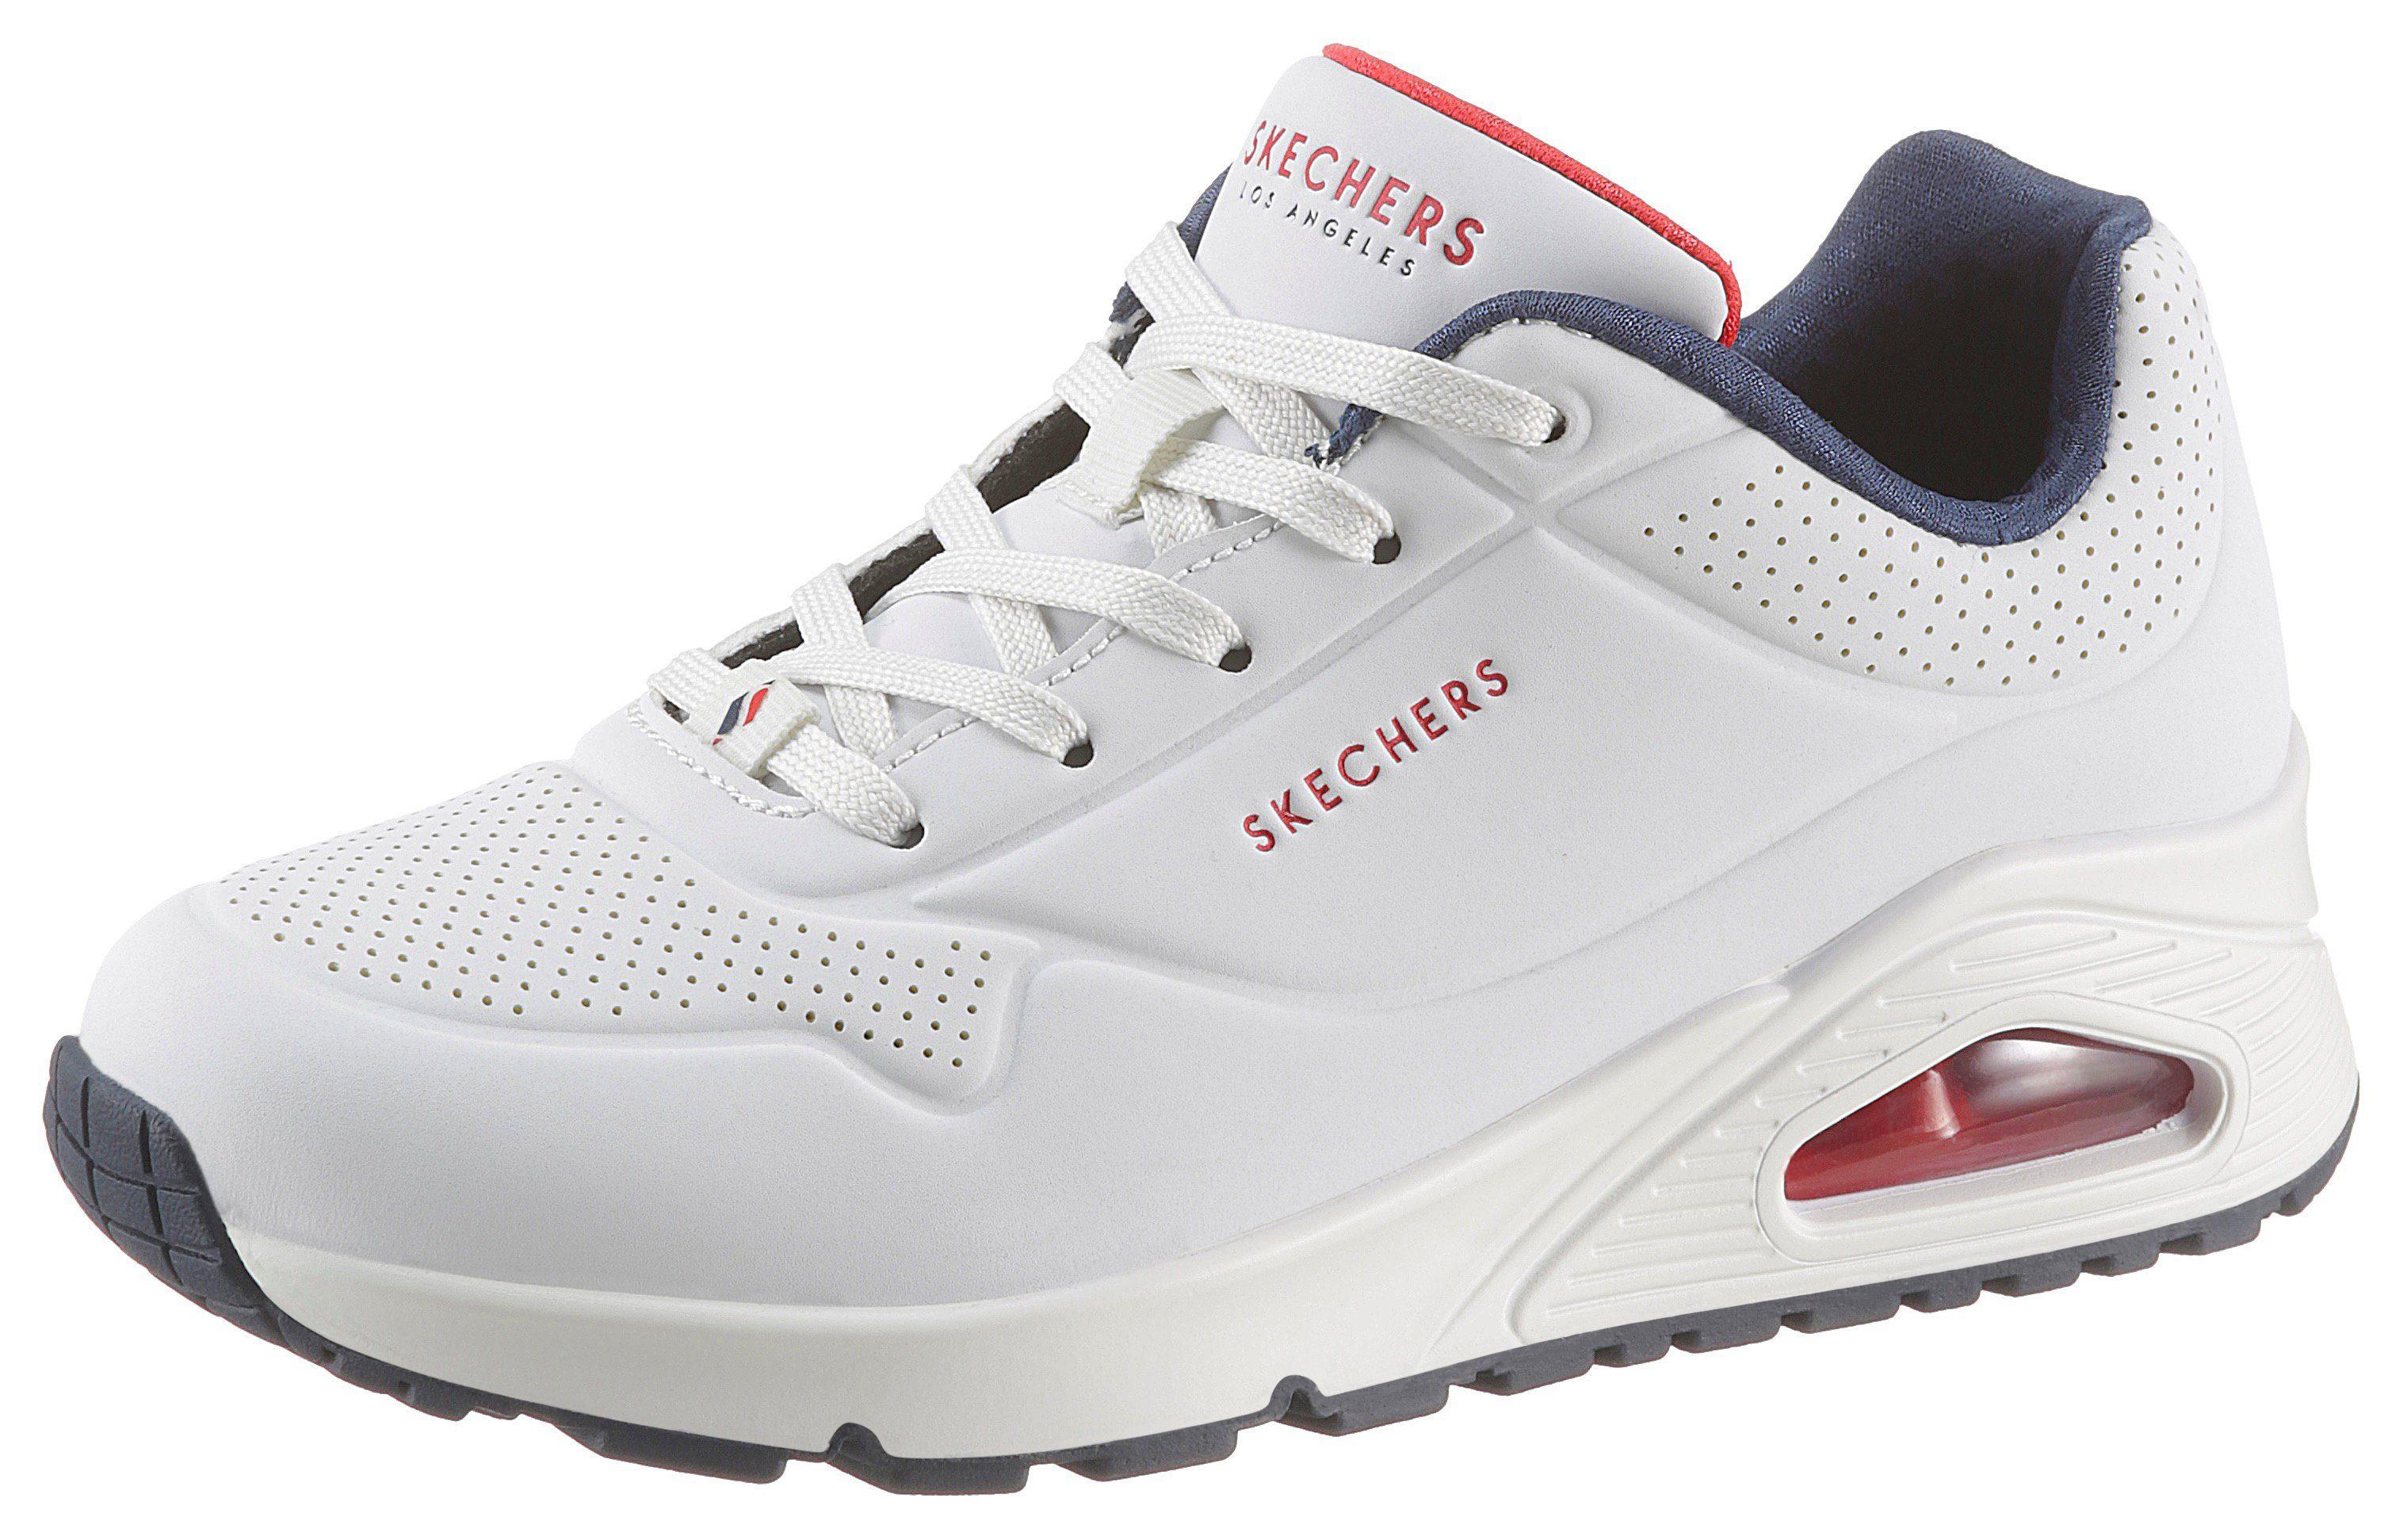 Skechers »Uno Stand on Air« Wedgesneaker mit feiner Perforation online kaufen | OTTO